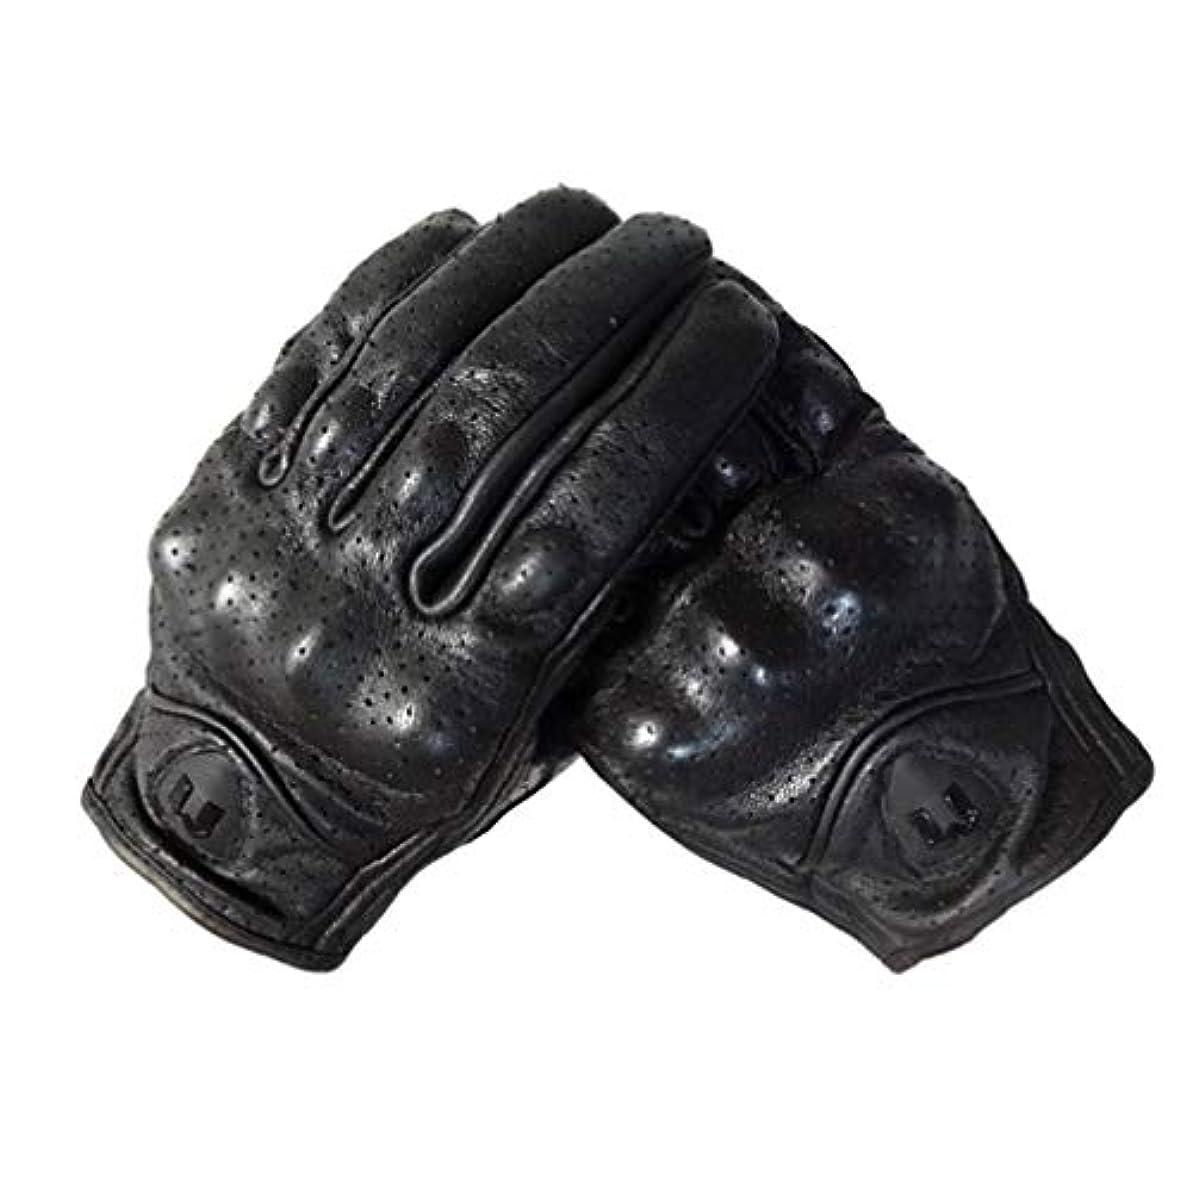 通常軽くずるいLIOOBO 冬革手袋フルフィンガーサイクリング手袋オートバイの手袋運転手袋タッチスクリーン手袋男性用女性